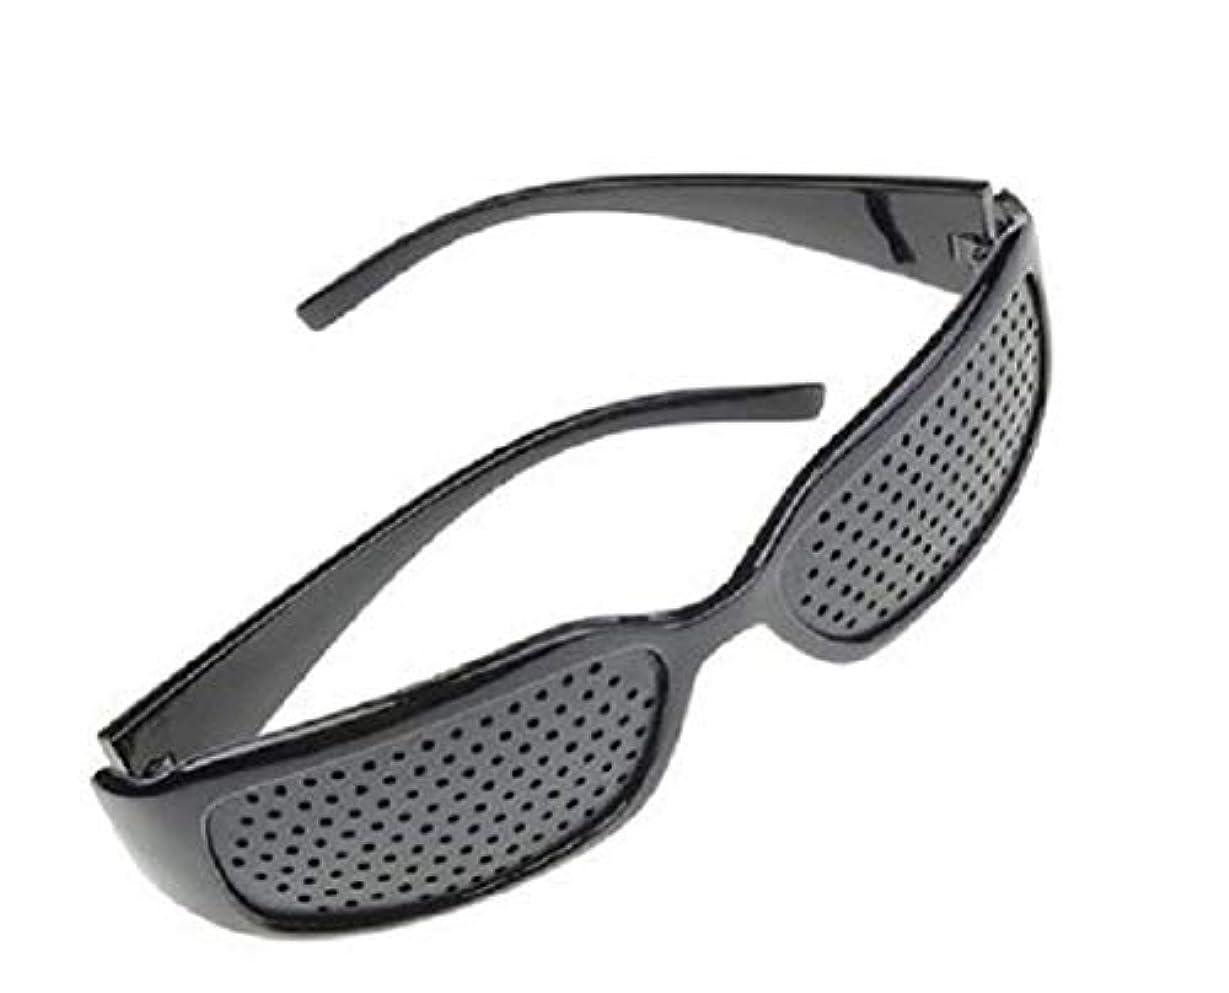 忠実に町信じるユニセックス視力ビジョンケアビジョンピンホールメガネアイズエクササイズファッションナチュラル (Color : 黒)